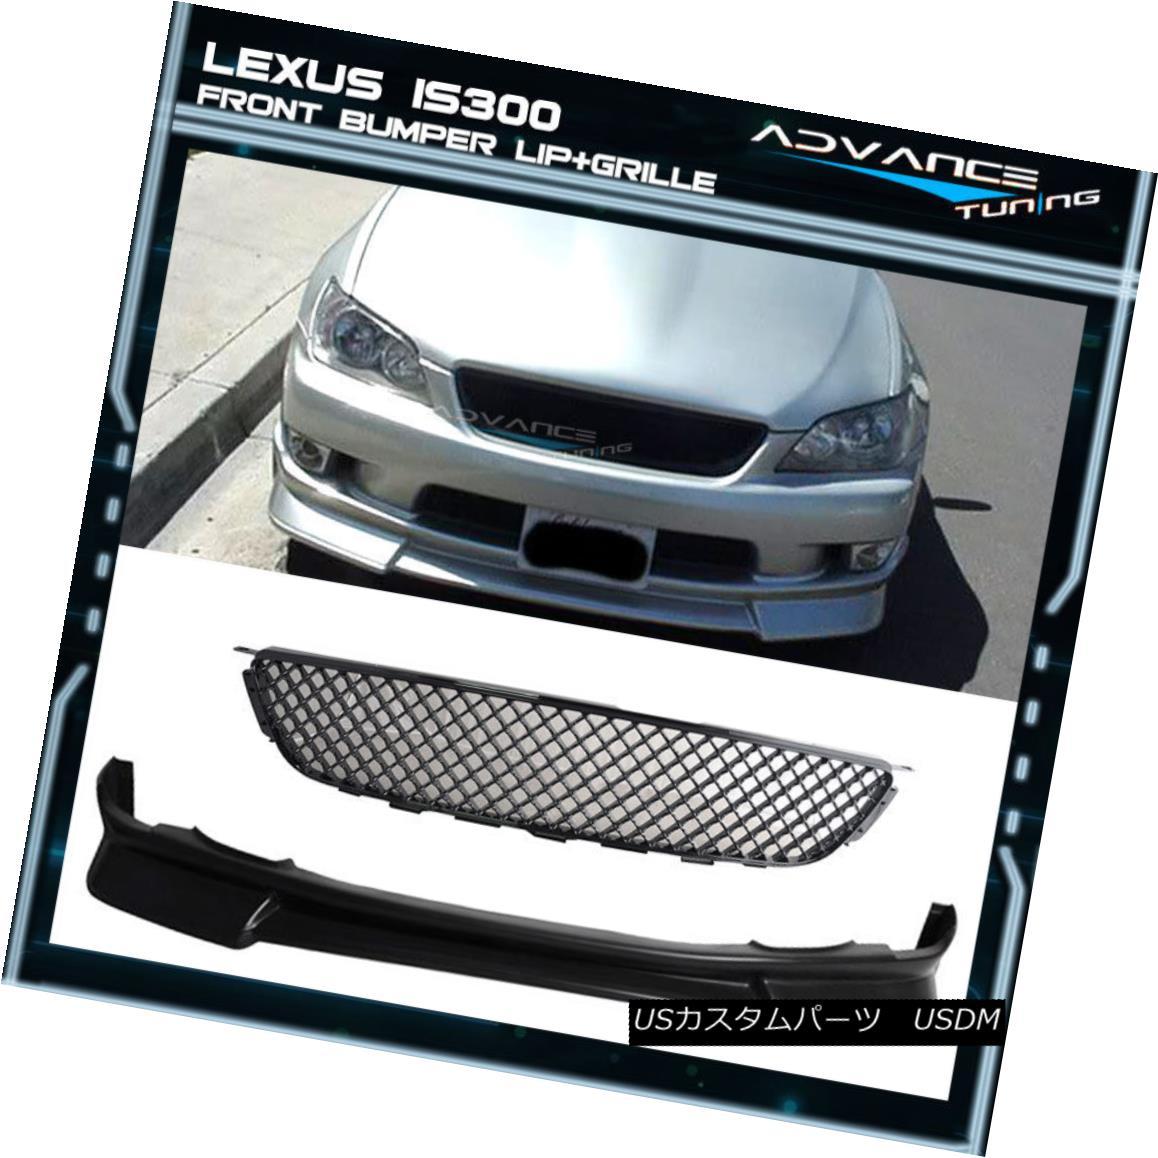 グリル Fits Lexus IS300 01-05 IK PU Front Bumper Lip Spoiler + Hood Grille Grill フィットLexus IS300 01-05 IK PUフロントバンパーリップスポイラー+フードグリルグリル